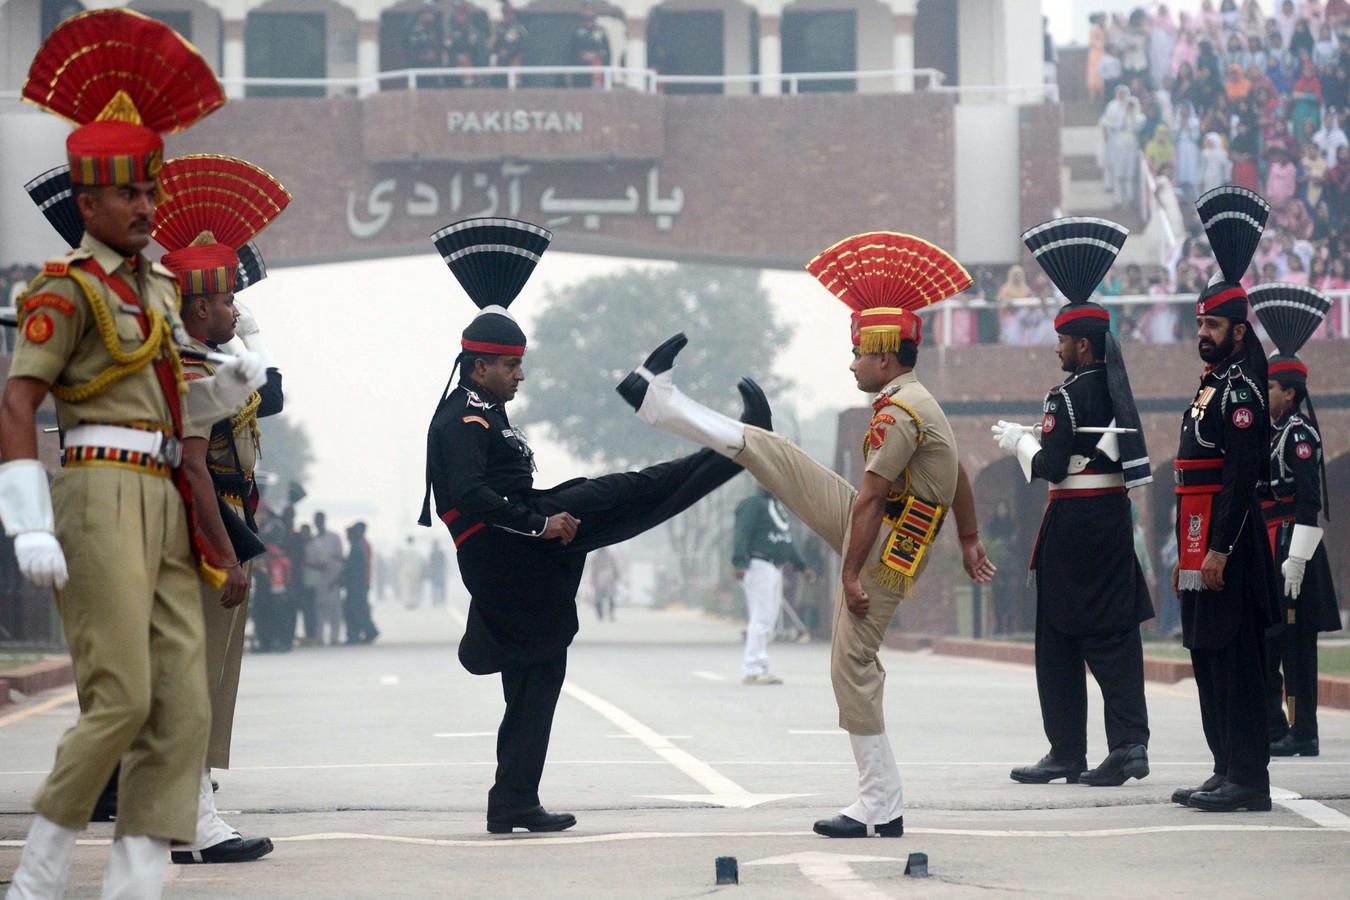 Смена караула на индо-пакистанской границе